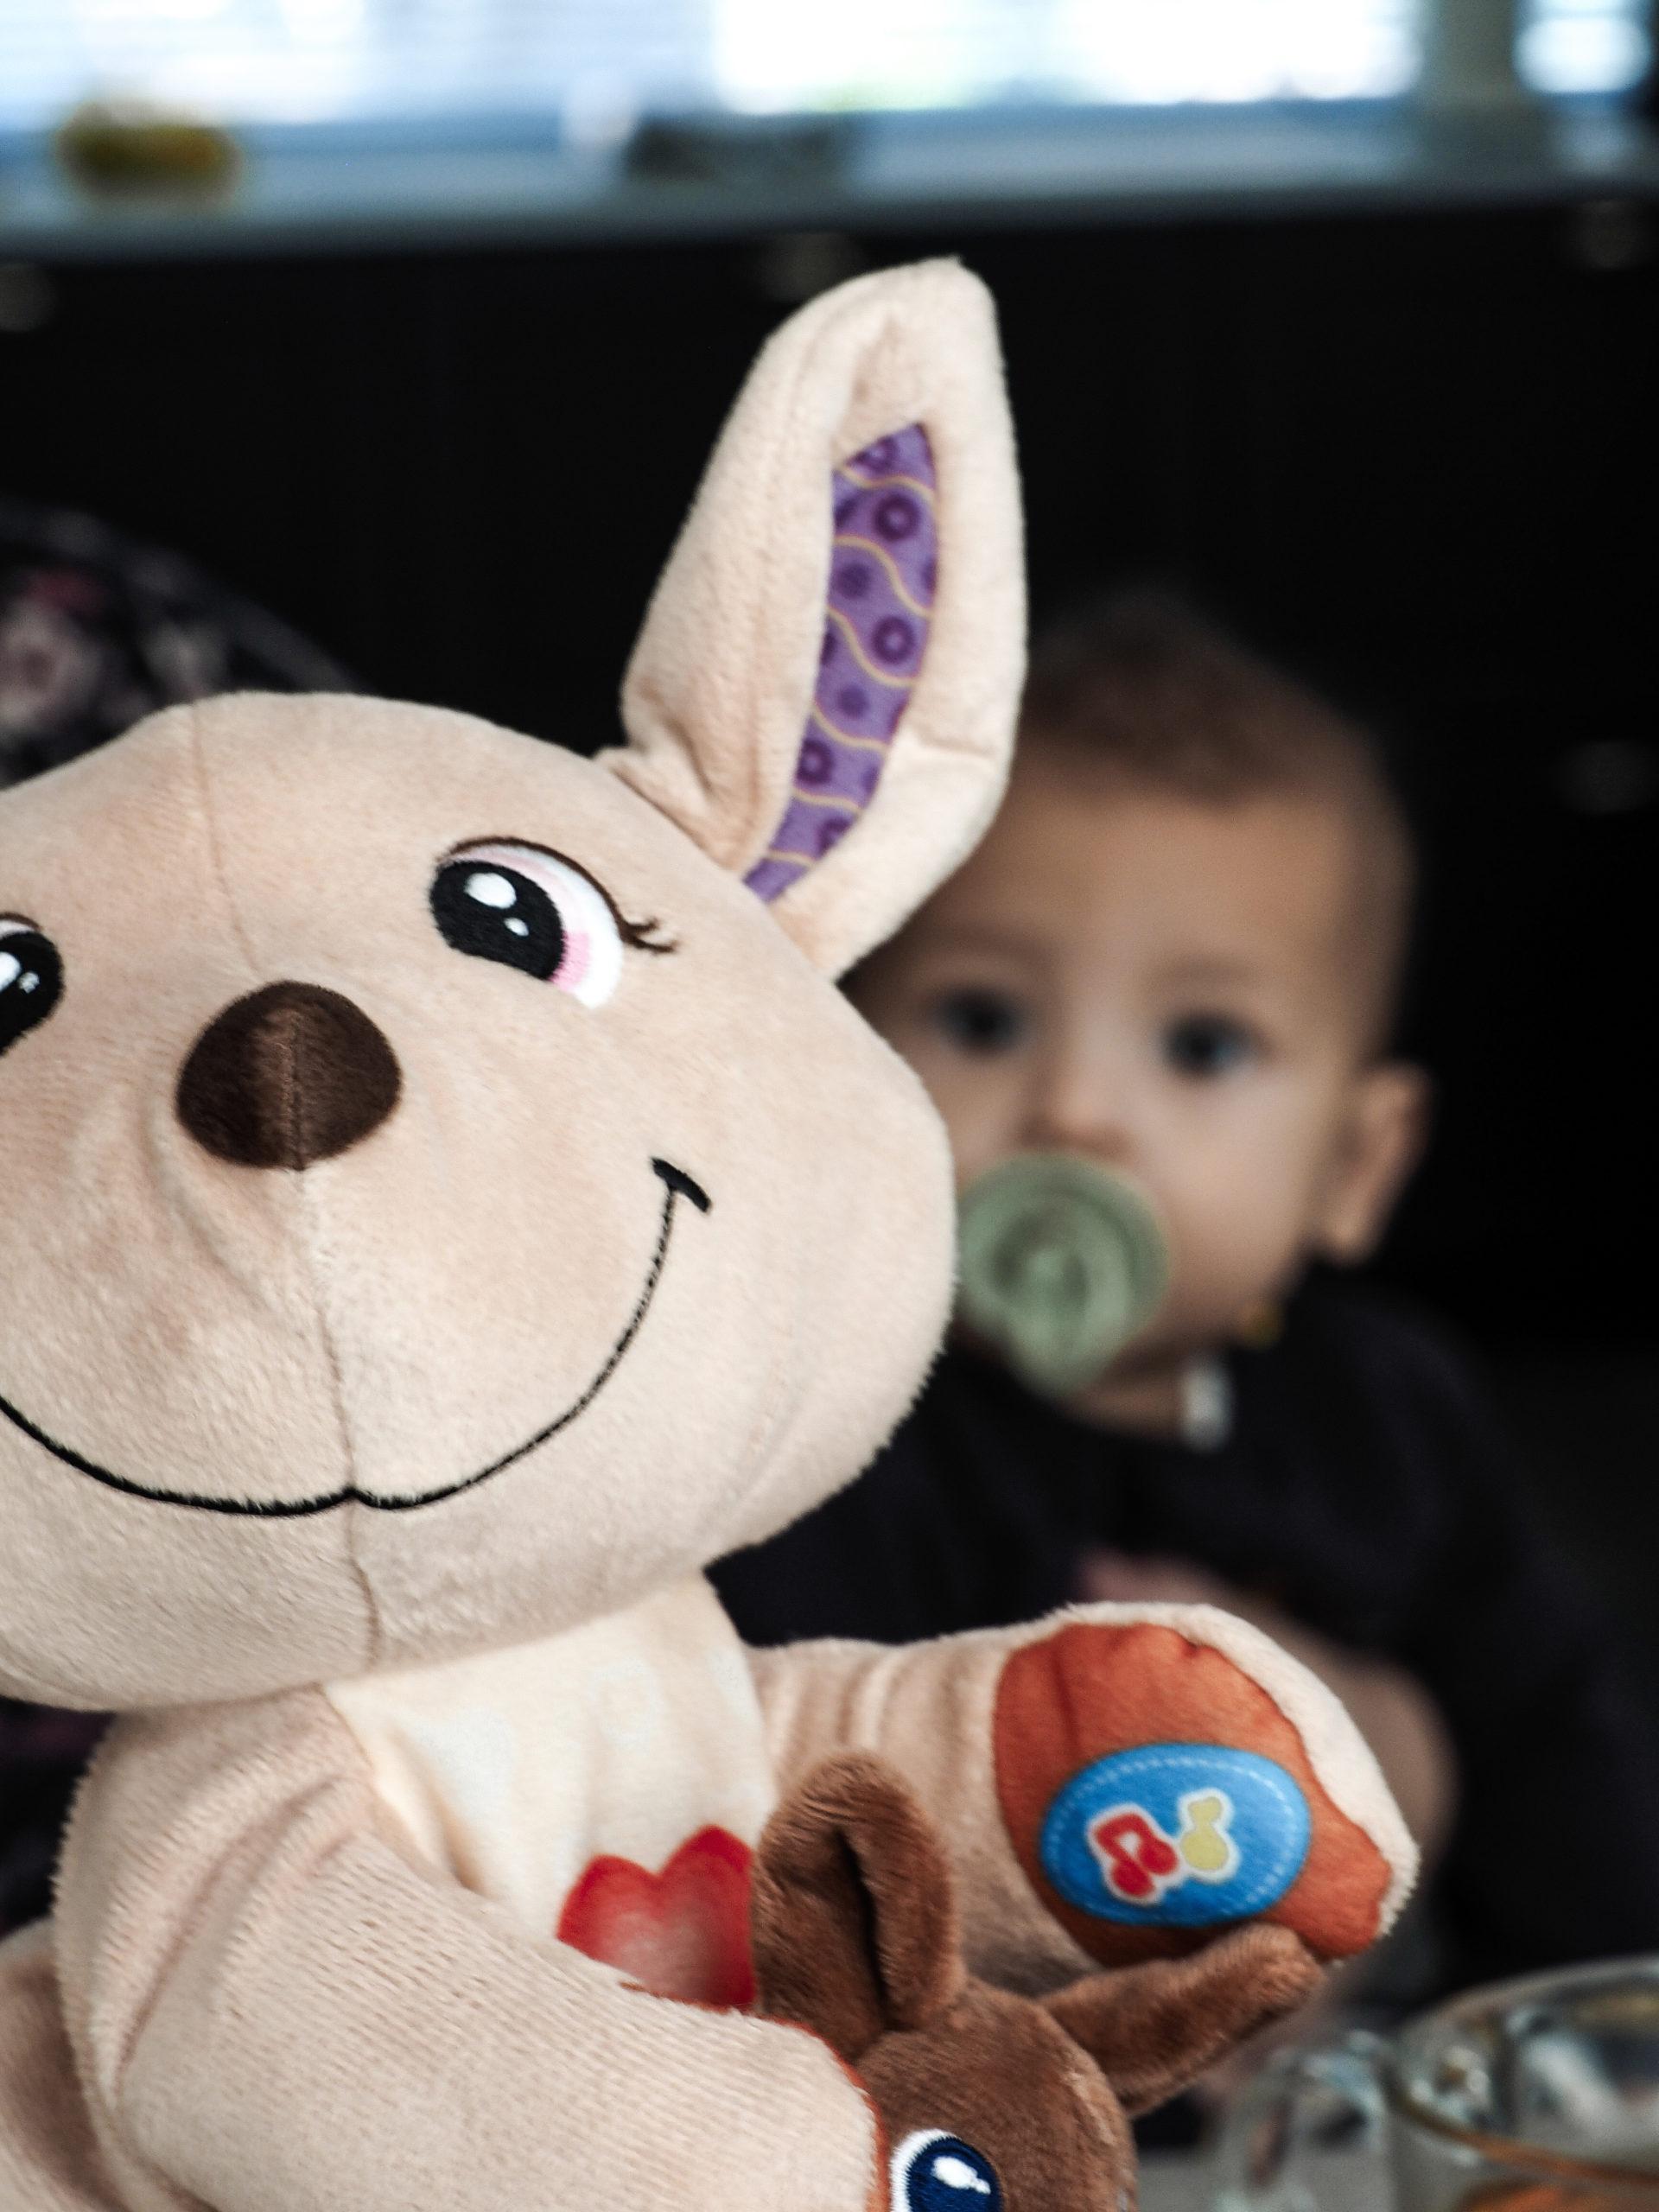 VTech Kangaroo is de nieuwe speelgoedtip bij Kinderfavorites